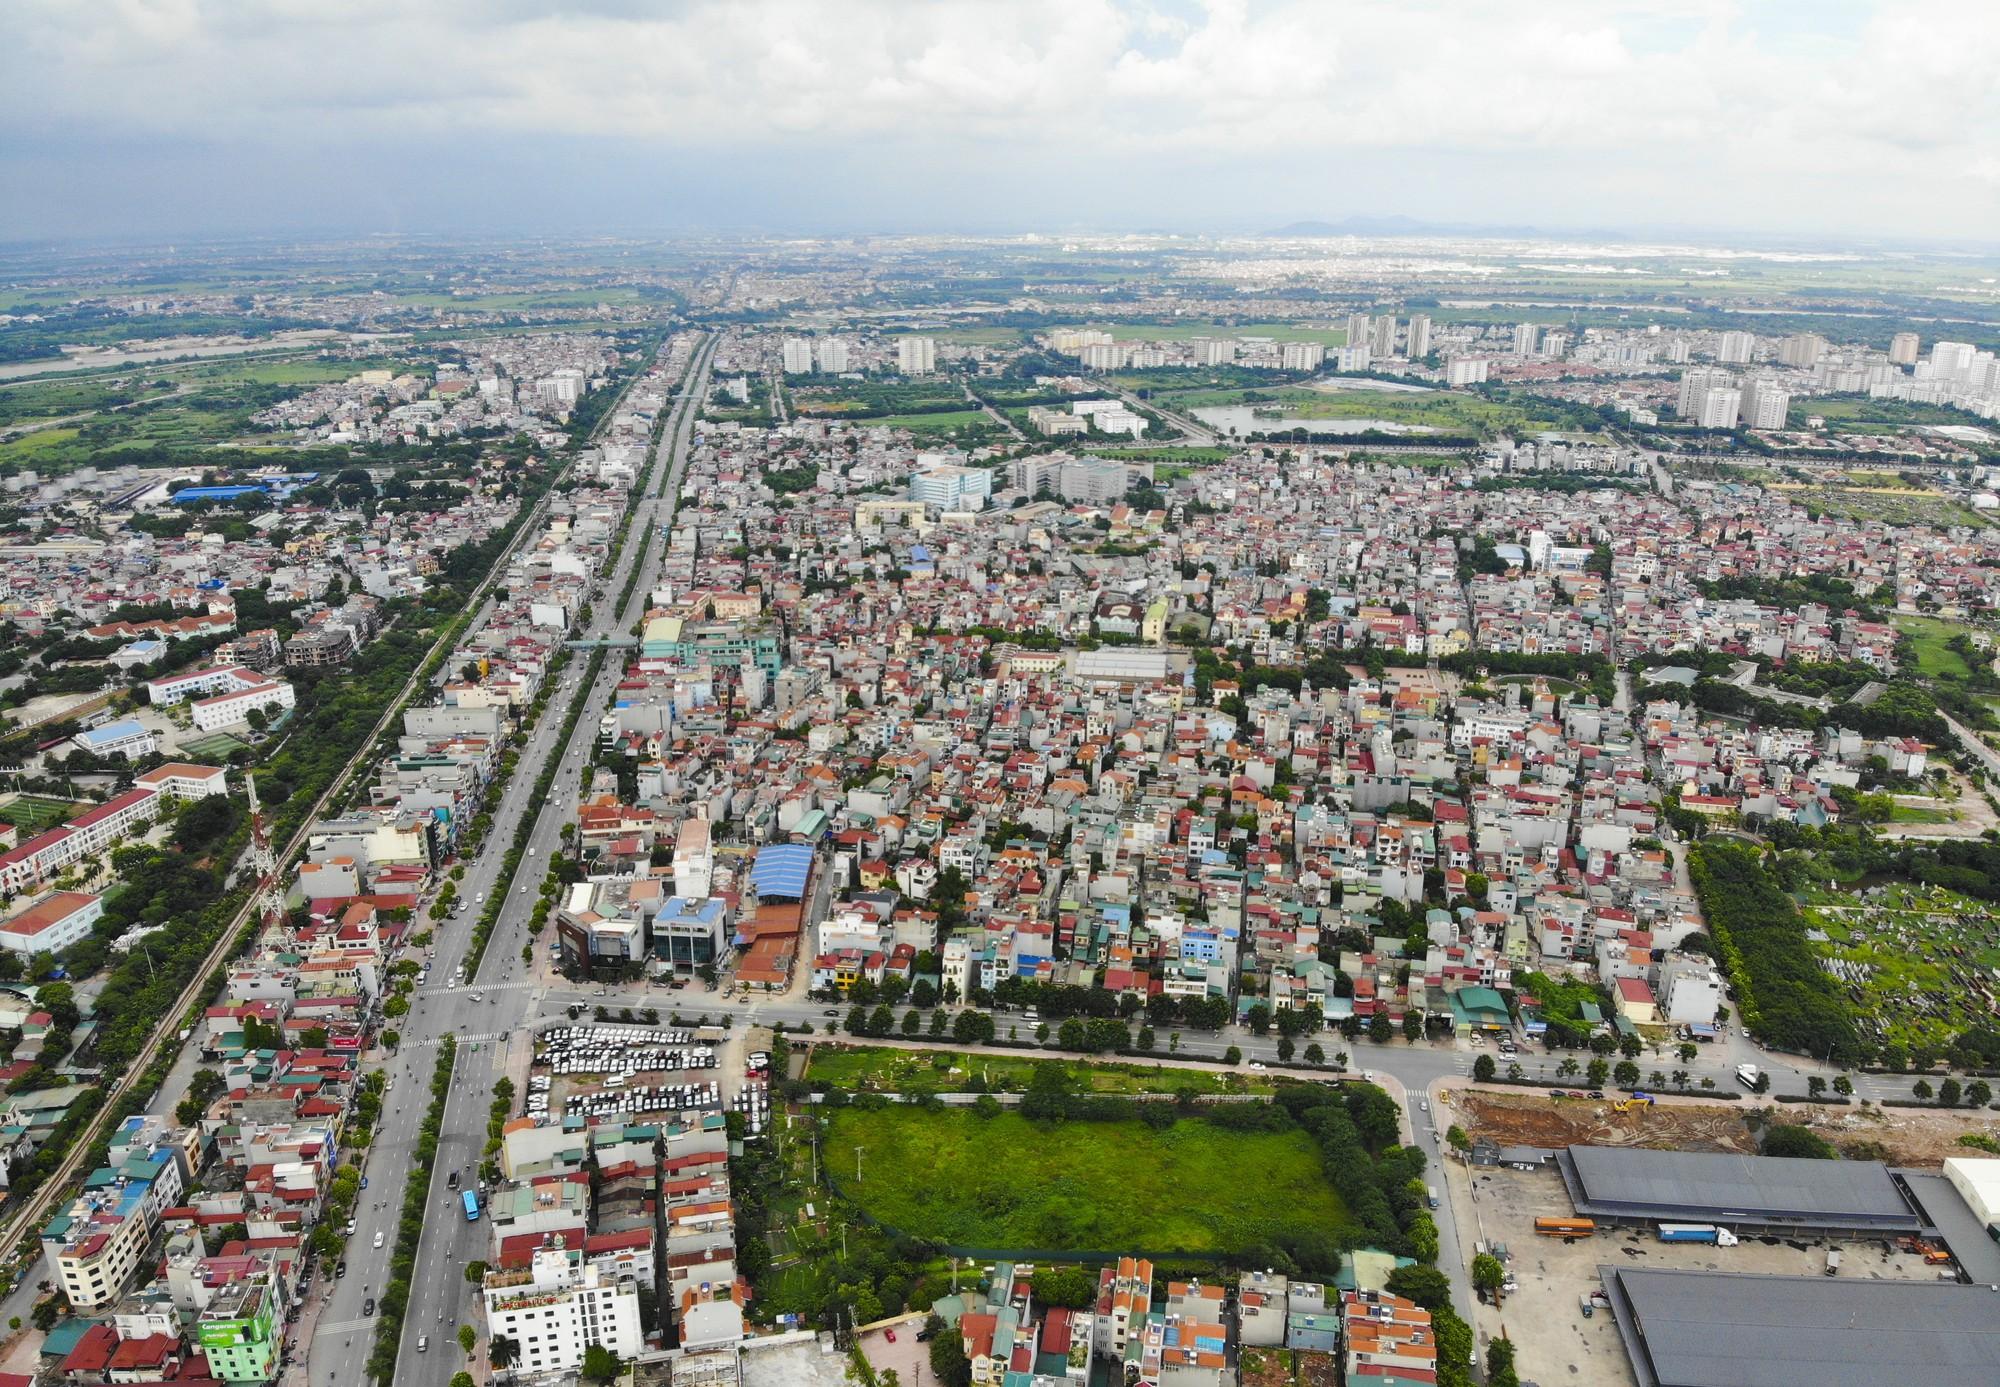 Những giao lộ khổng lồ thay đổi diện mạo cửa ngõ Thủ đô - Ảnh 12.